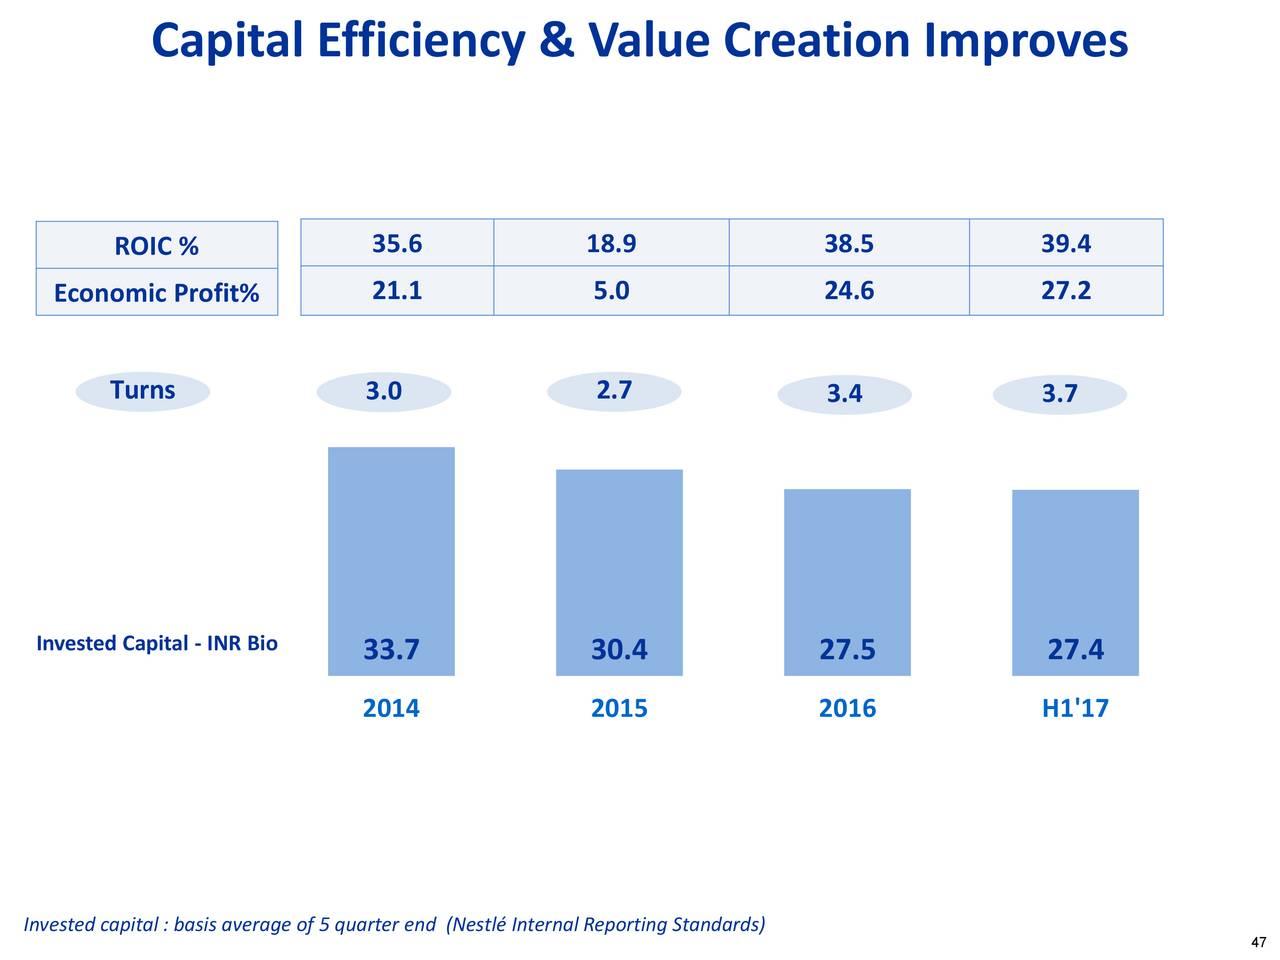 fedex value creation and economic profit